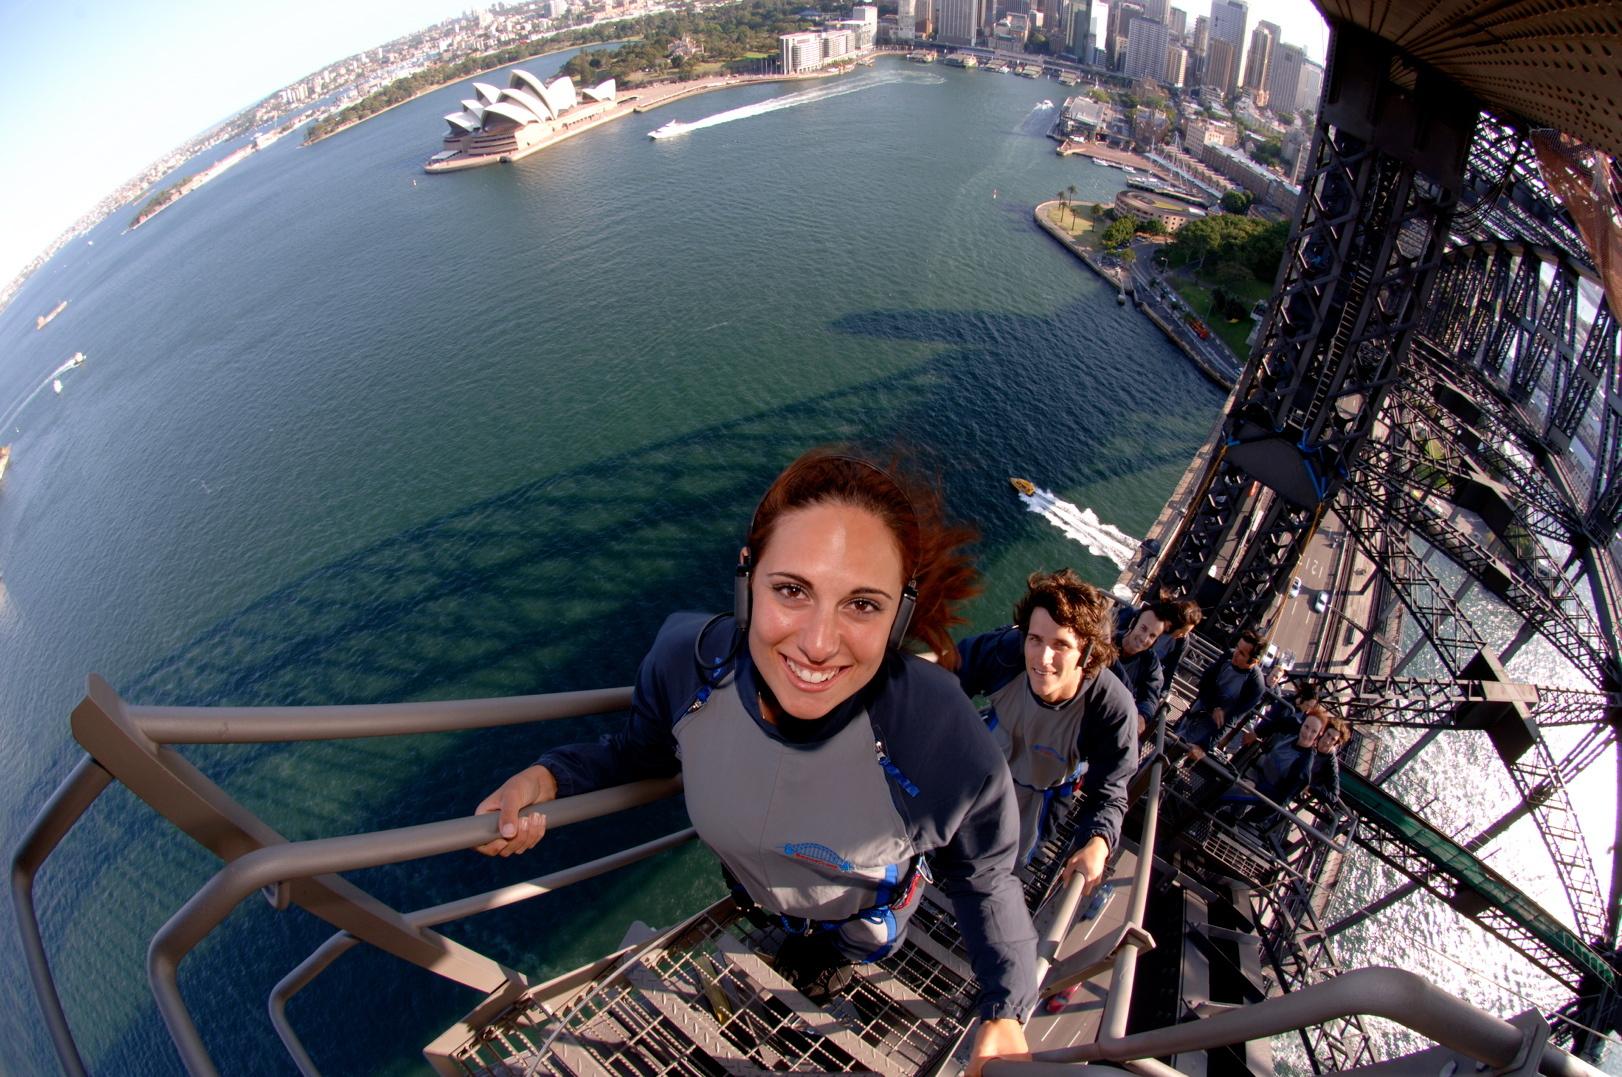 De fem danske leisurebureauer hos Aller Leisure forventes i år at omsætte for en milliard kroner og have cirka 100.000 rejsende. Her arkivpressefoto fra Bridge Climb i havnen i Sydney. Foto: L. W. Allen.